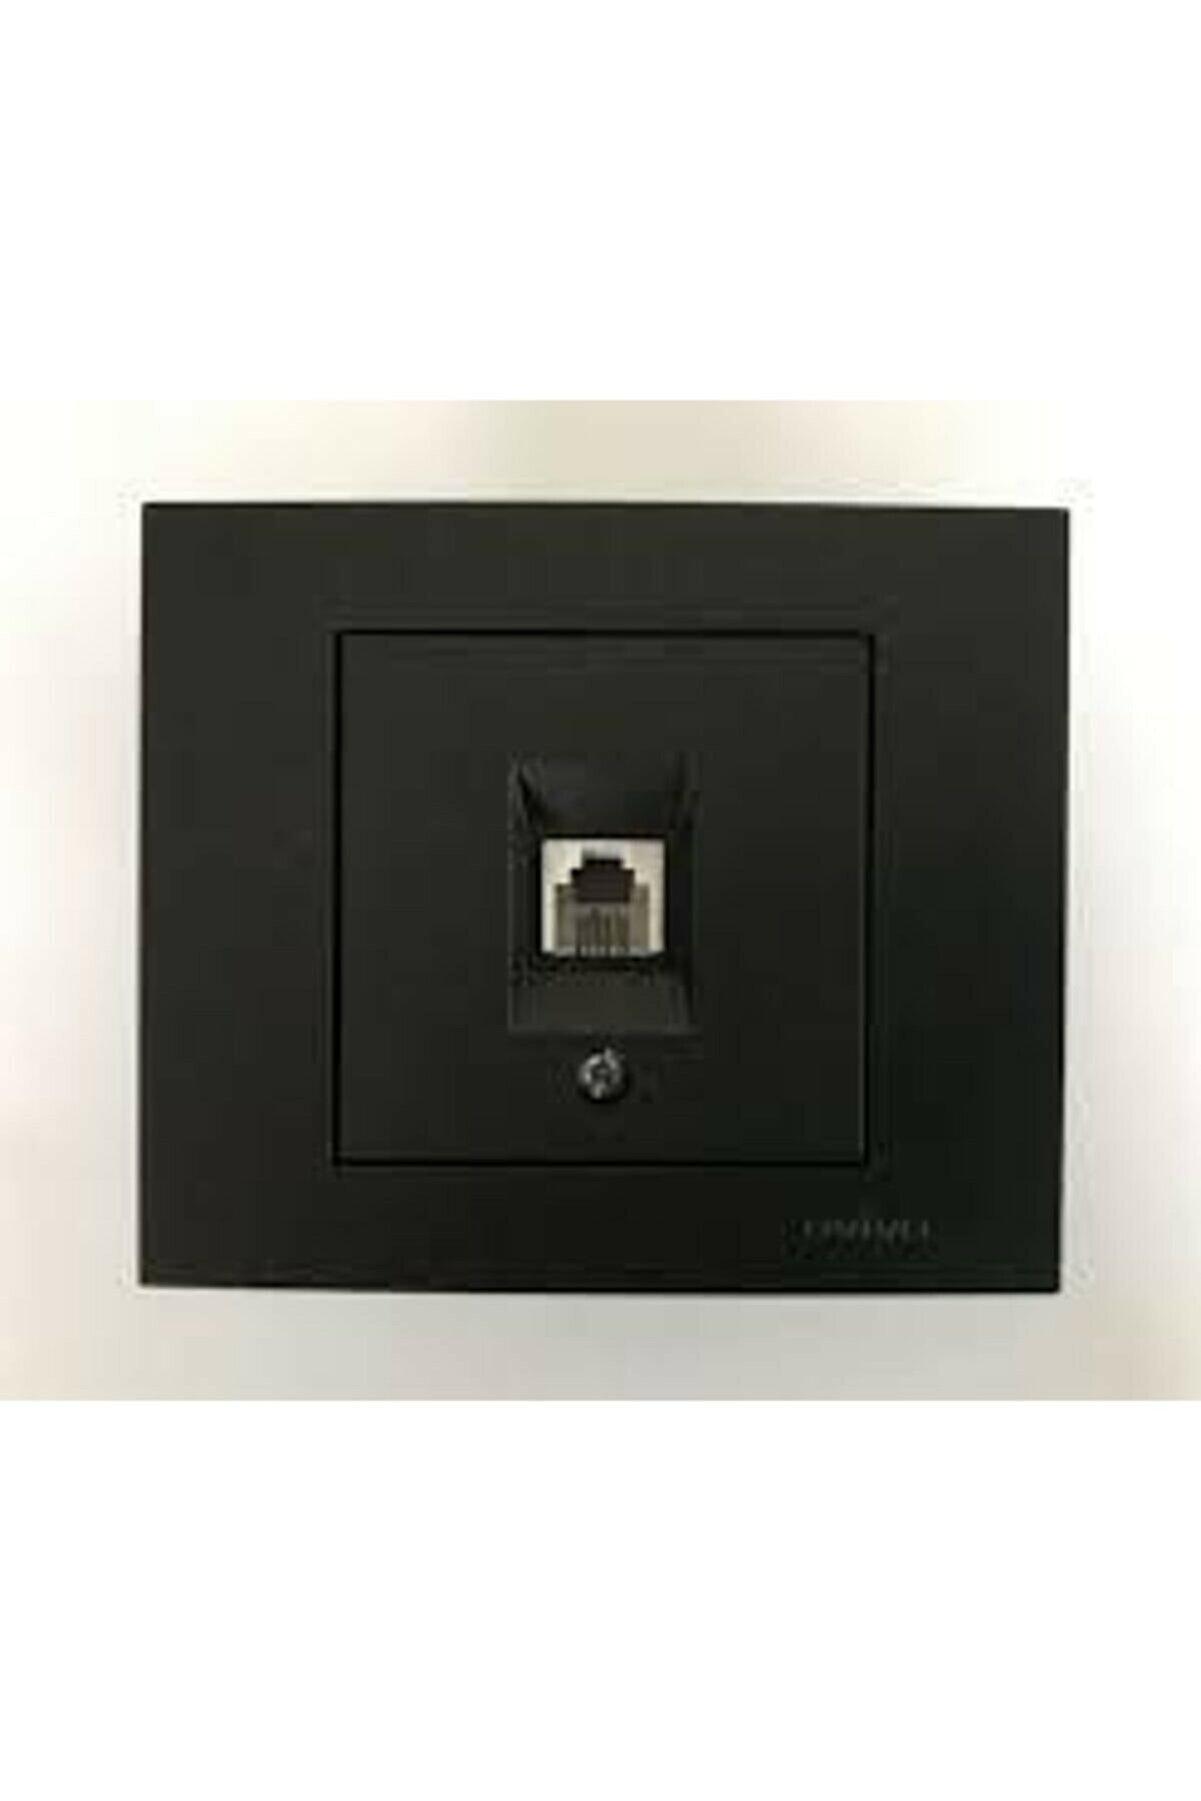 OVİVO Grano Siyah Numeris Telefon Prizi Cat3 Mekanizma  Çerçeve